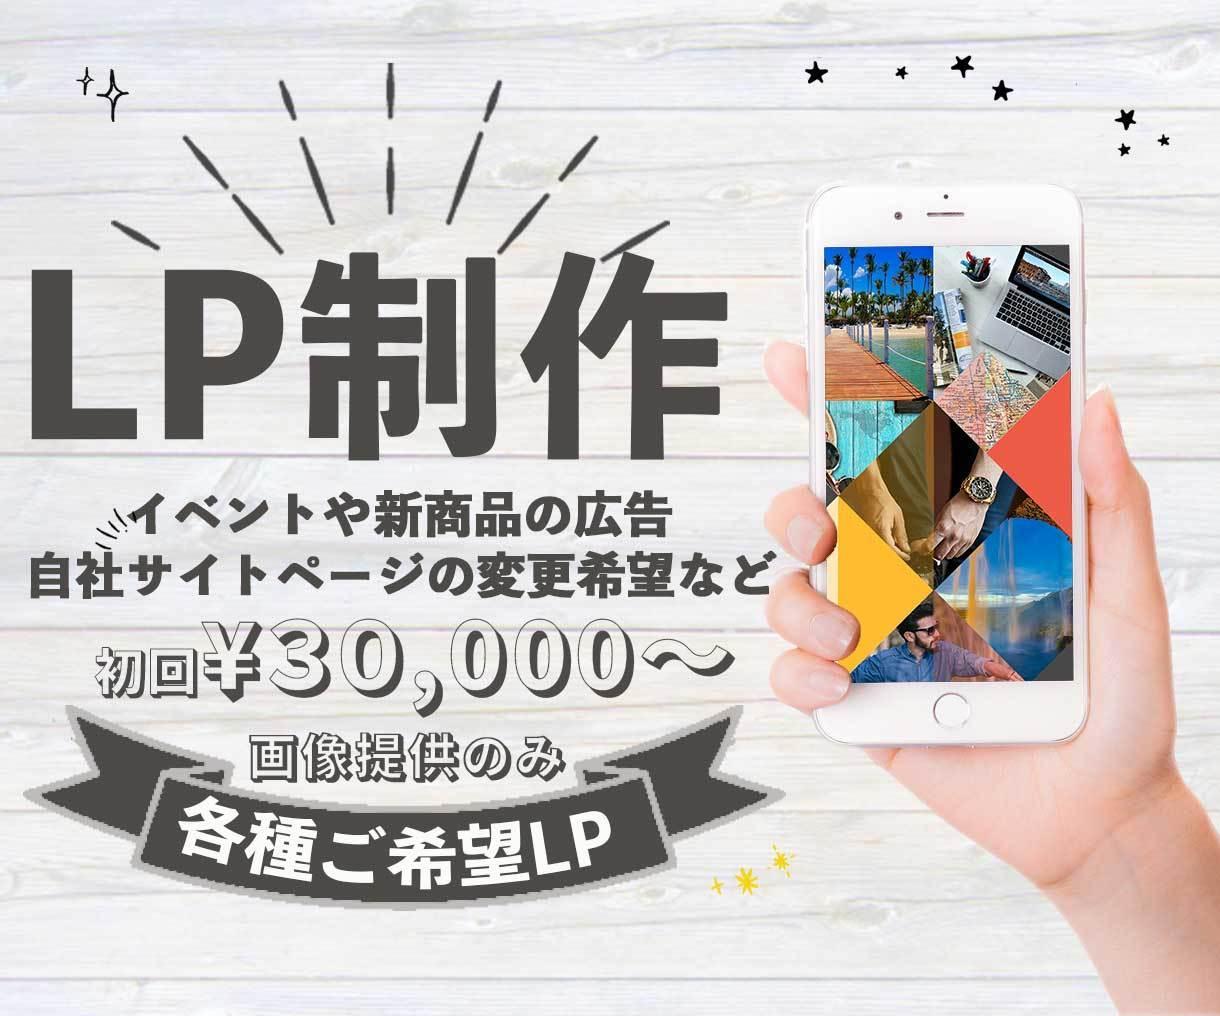 初回¥30,000〜LP用画像制作致します POPなものからシンプルなものまで目を引くデザイン作り♡ イメージ1